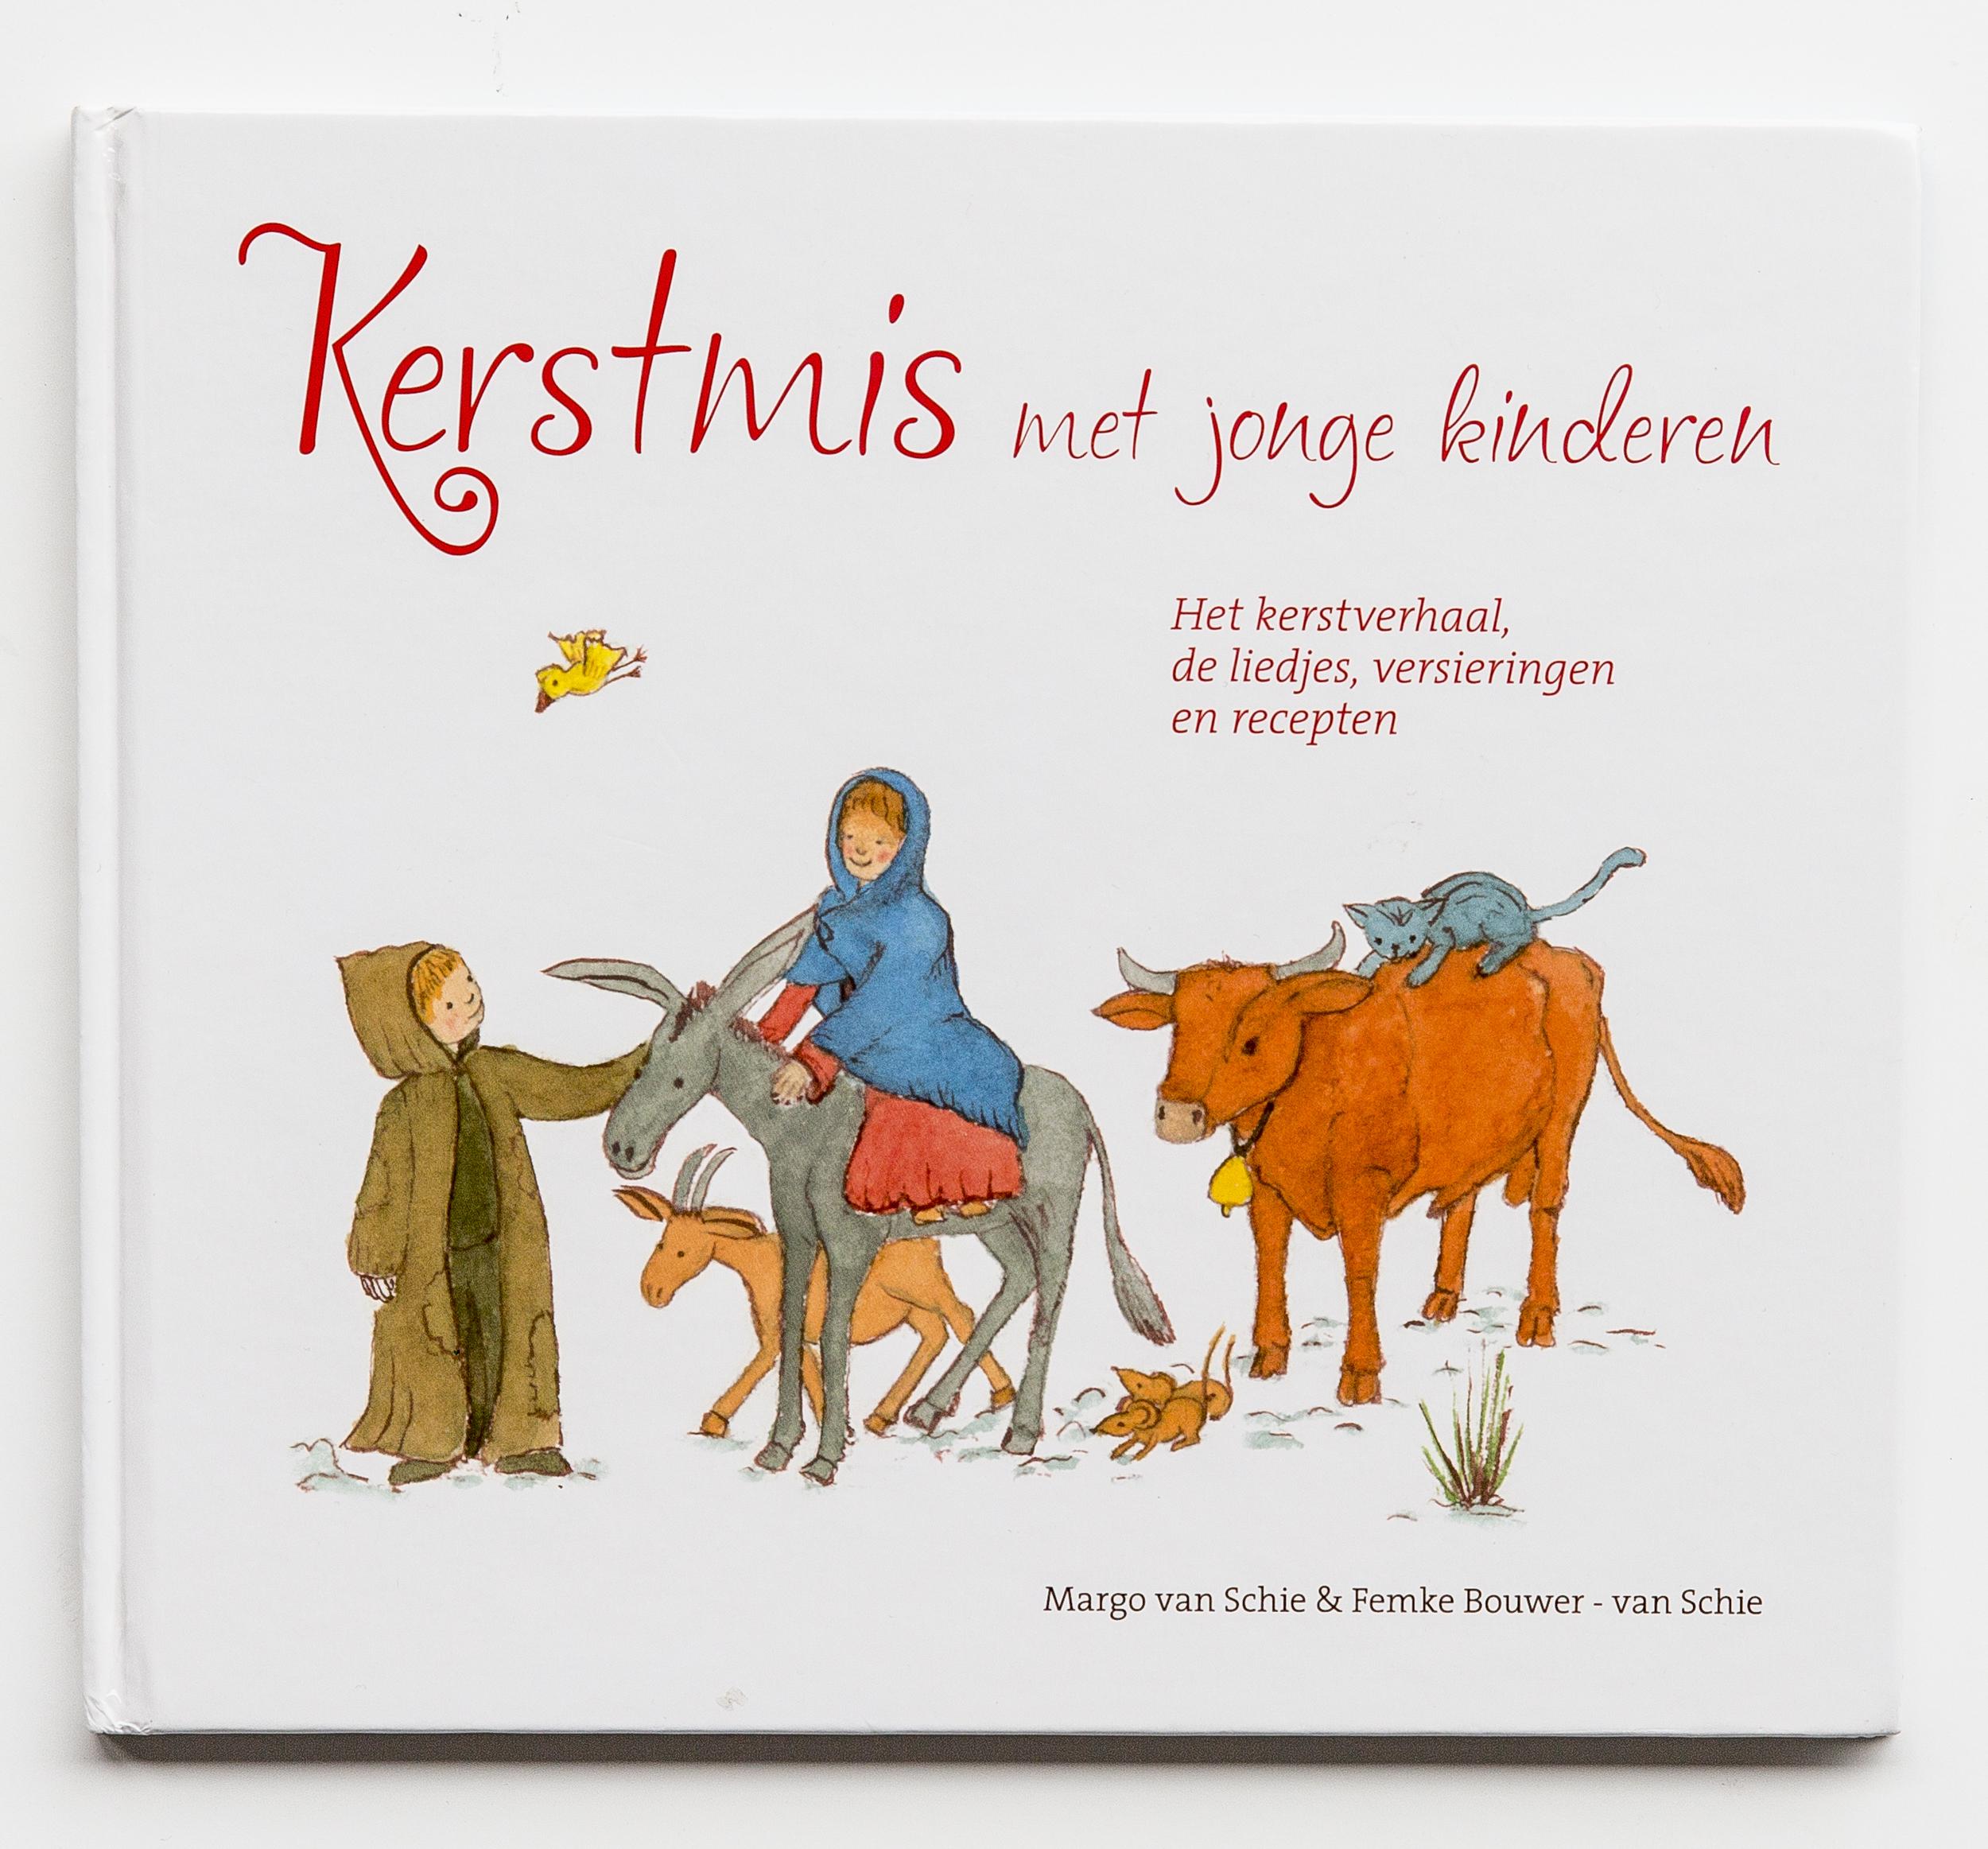 Kerstmis met jonge kinderenboek.JPG